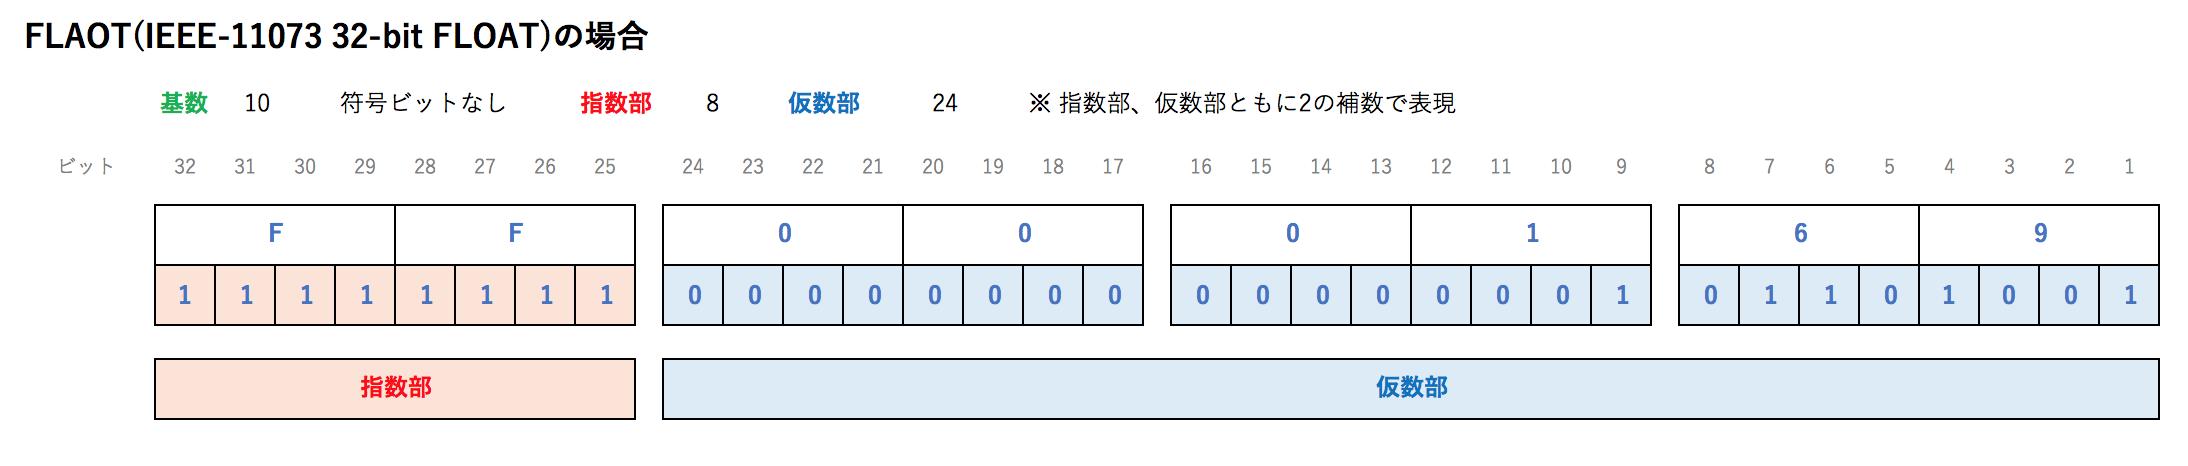 サンプルデータ_FLAOT(IEEE-11073 32-bit FLOAT)の場合.png